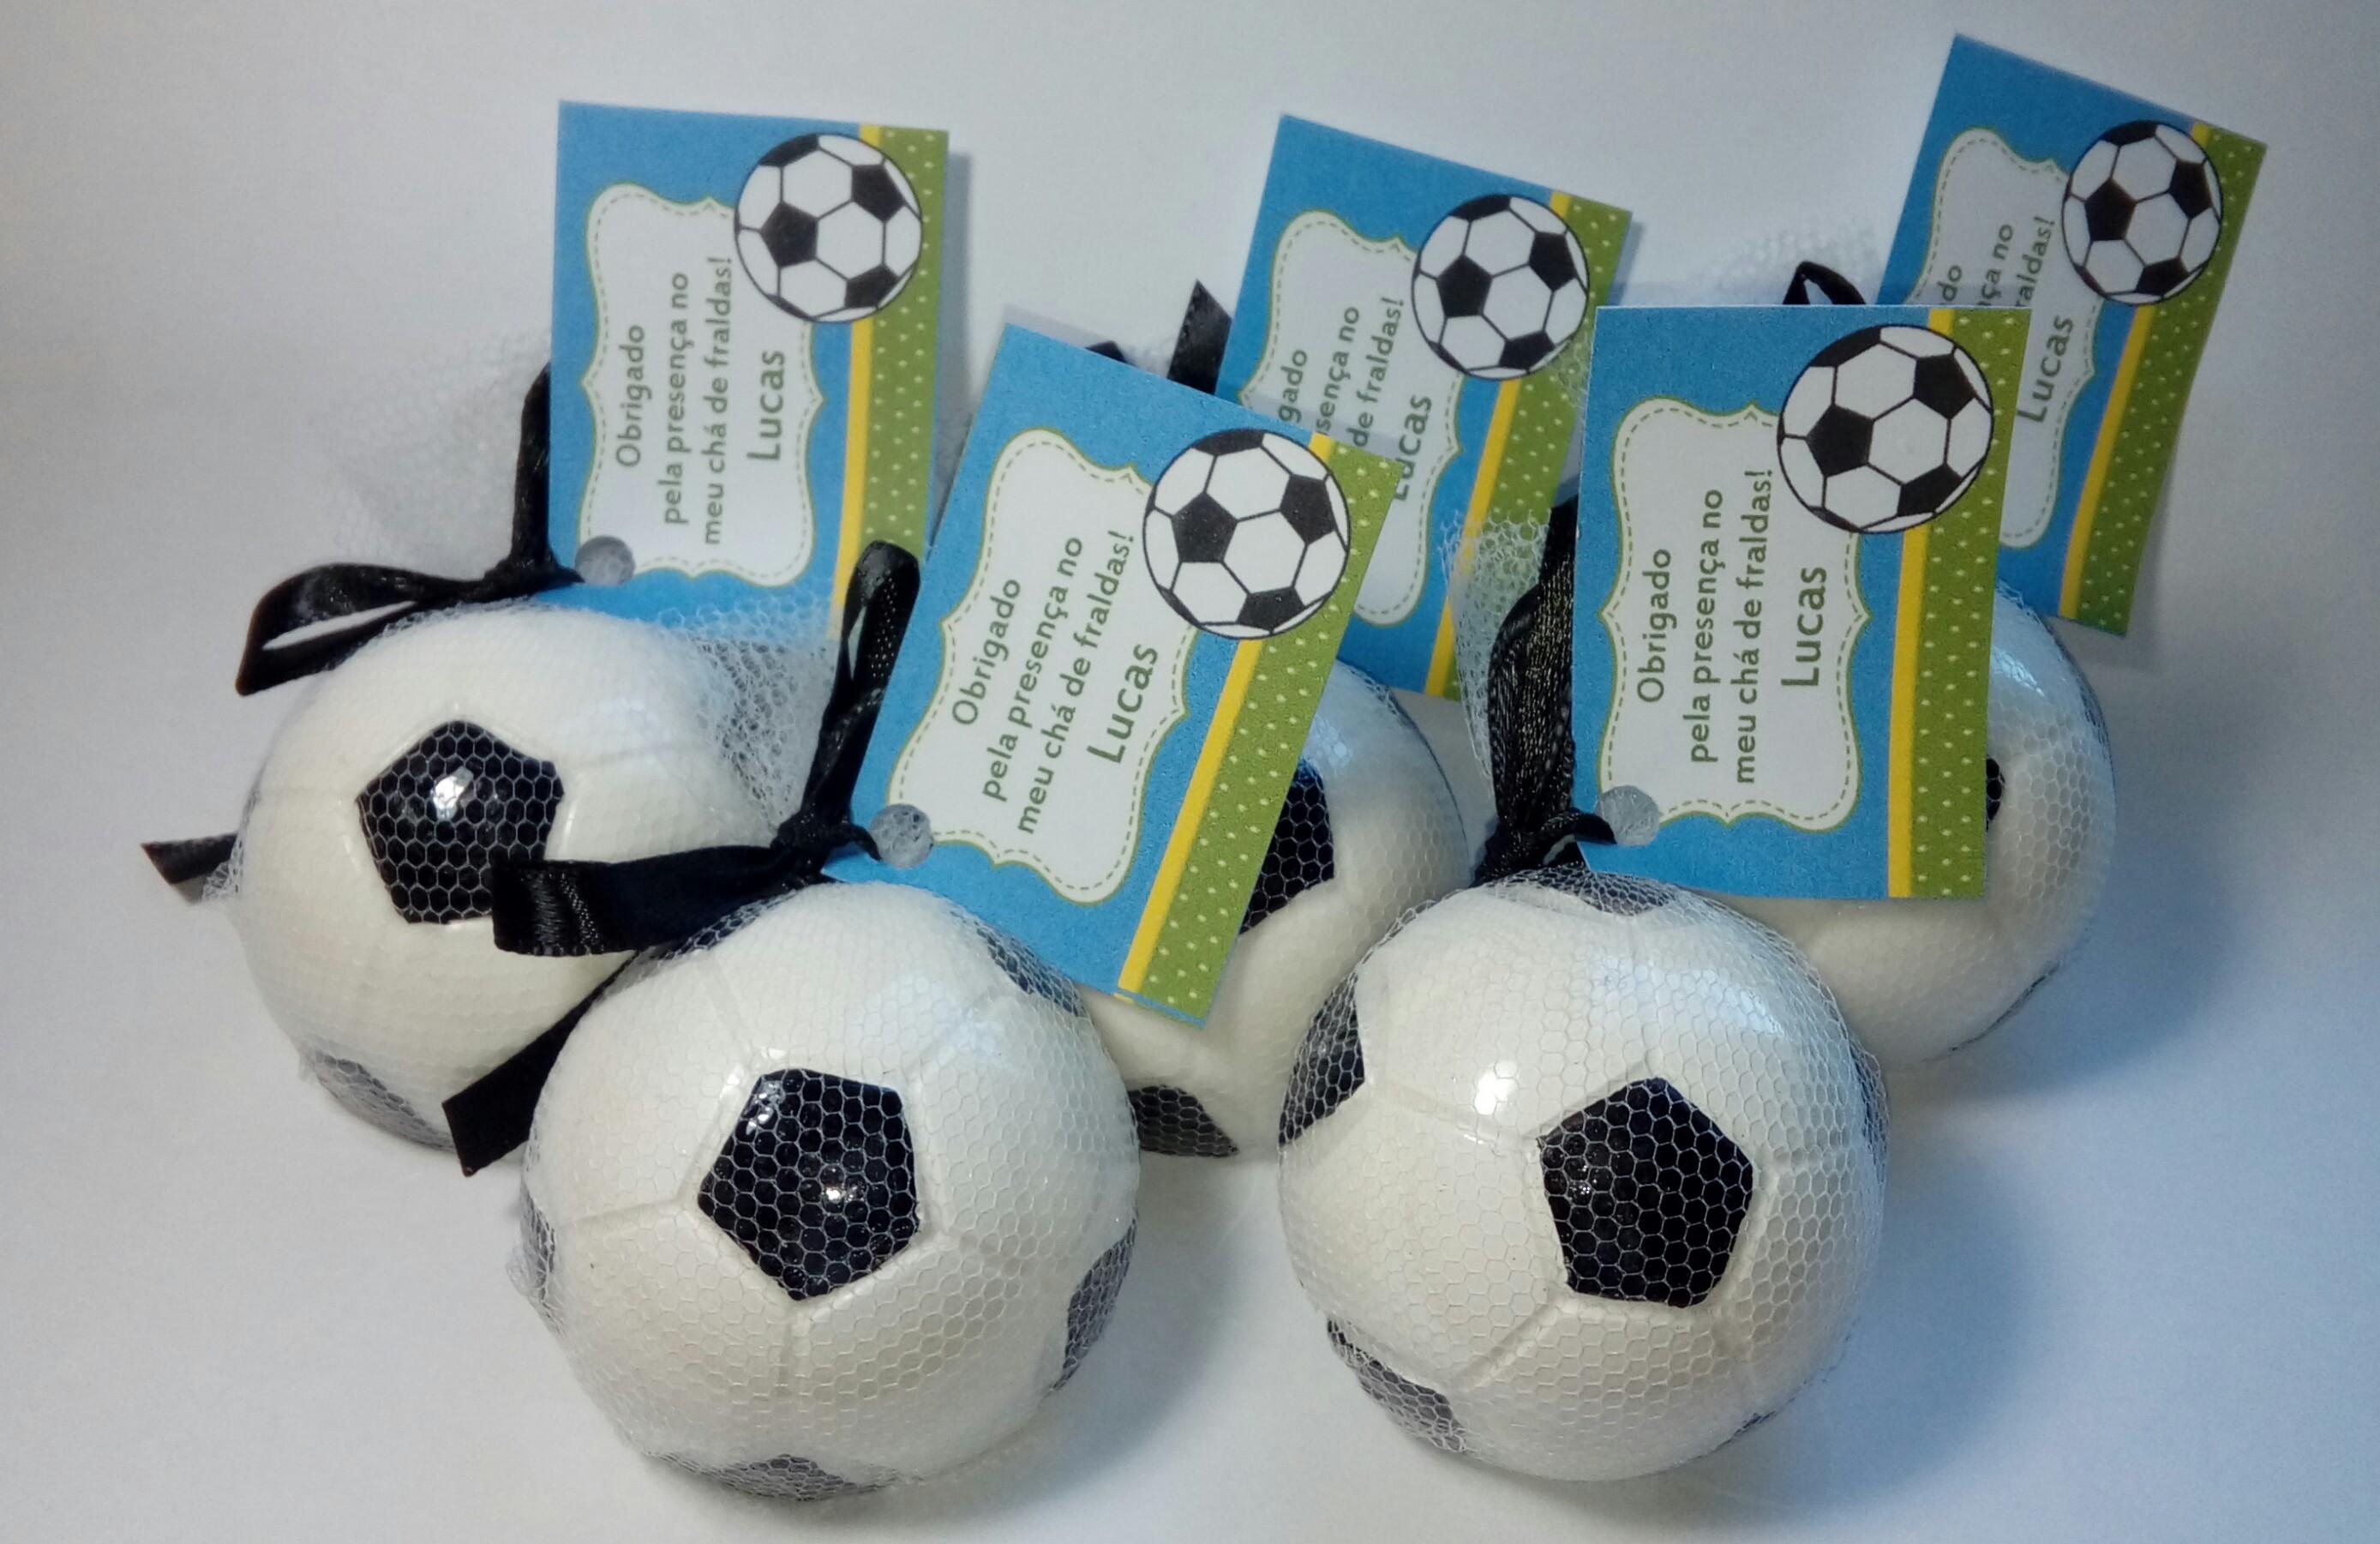 Sabonete Bola de Futebol Lembrancinha  8d50f93836933